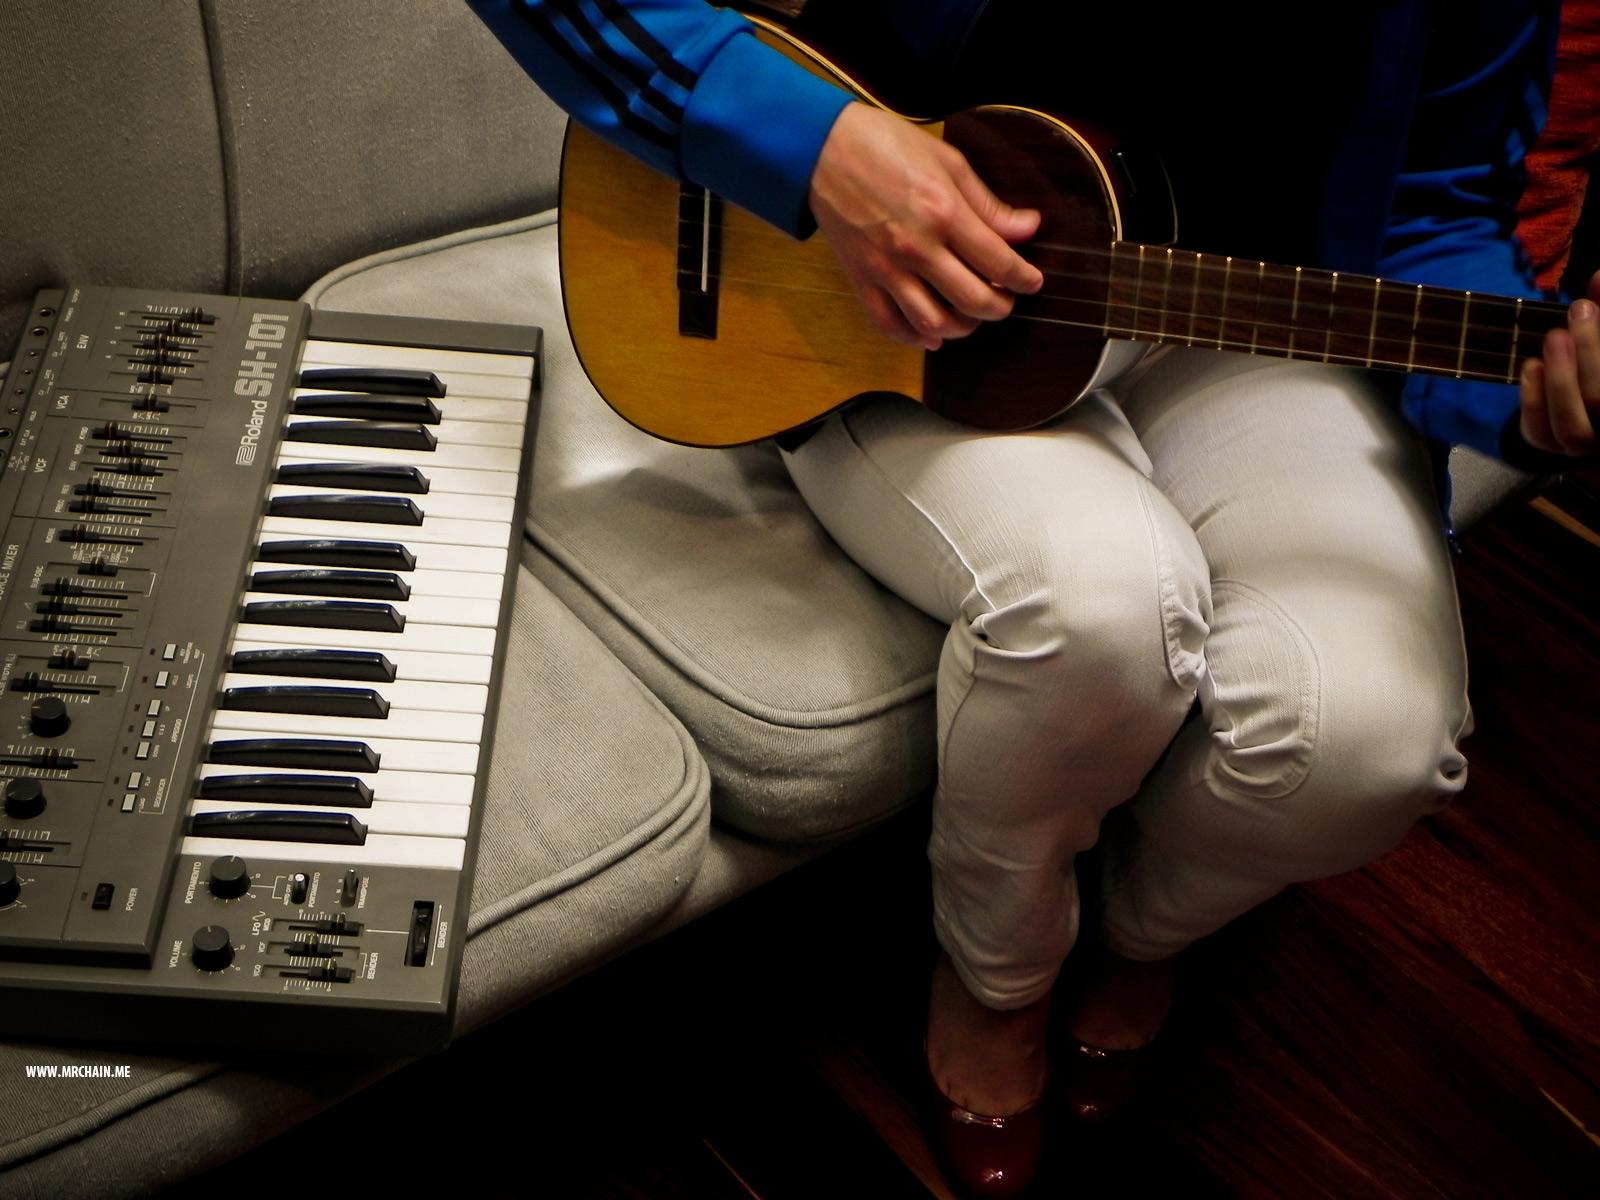 Musik = ♥